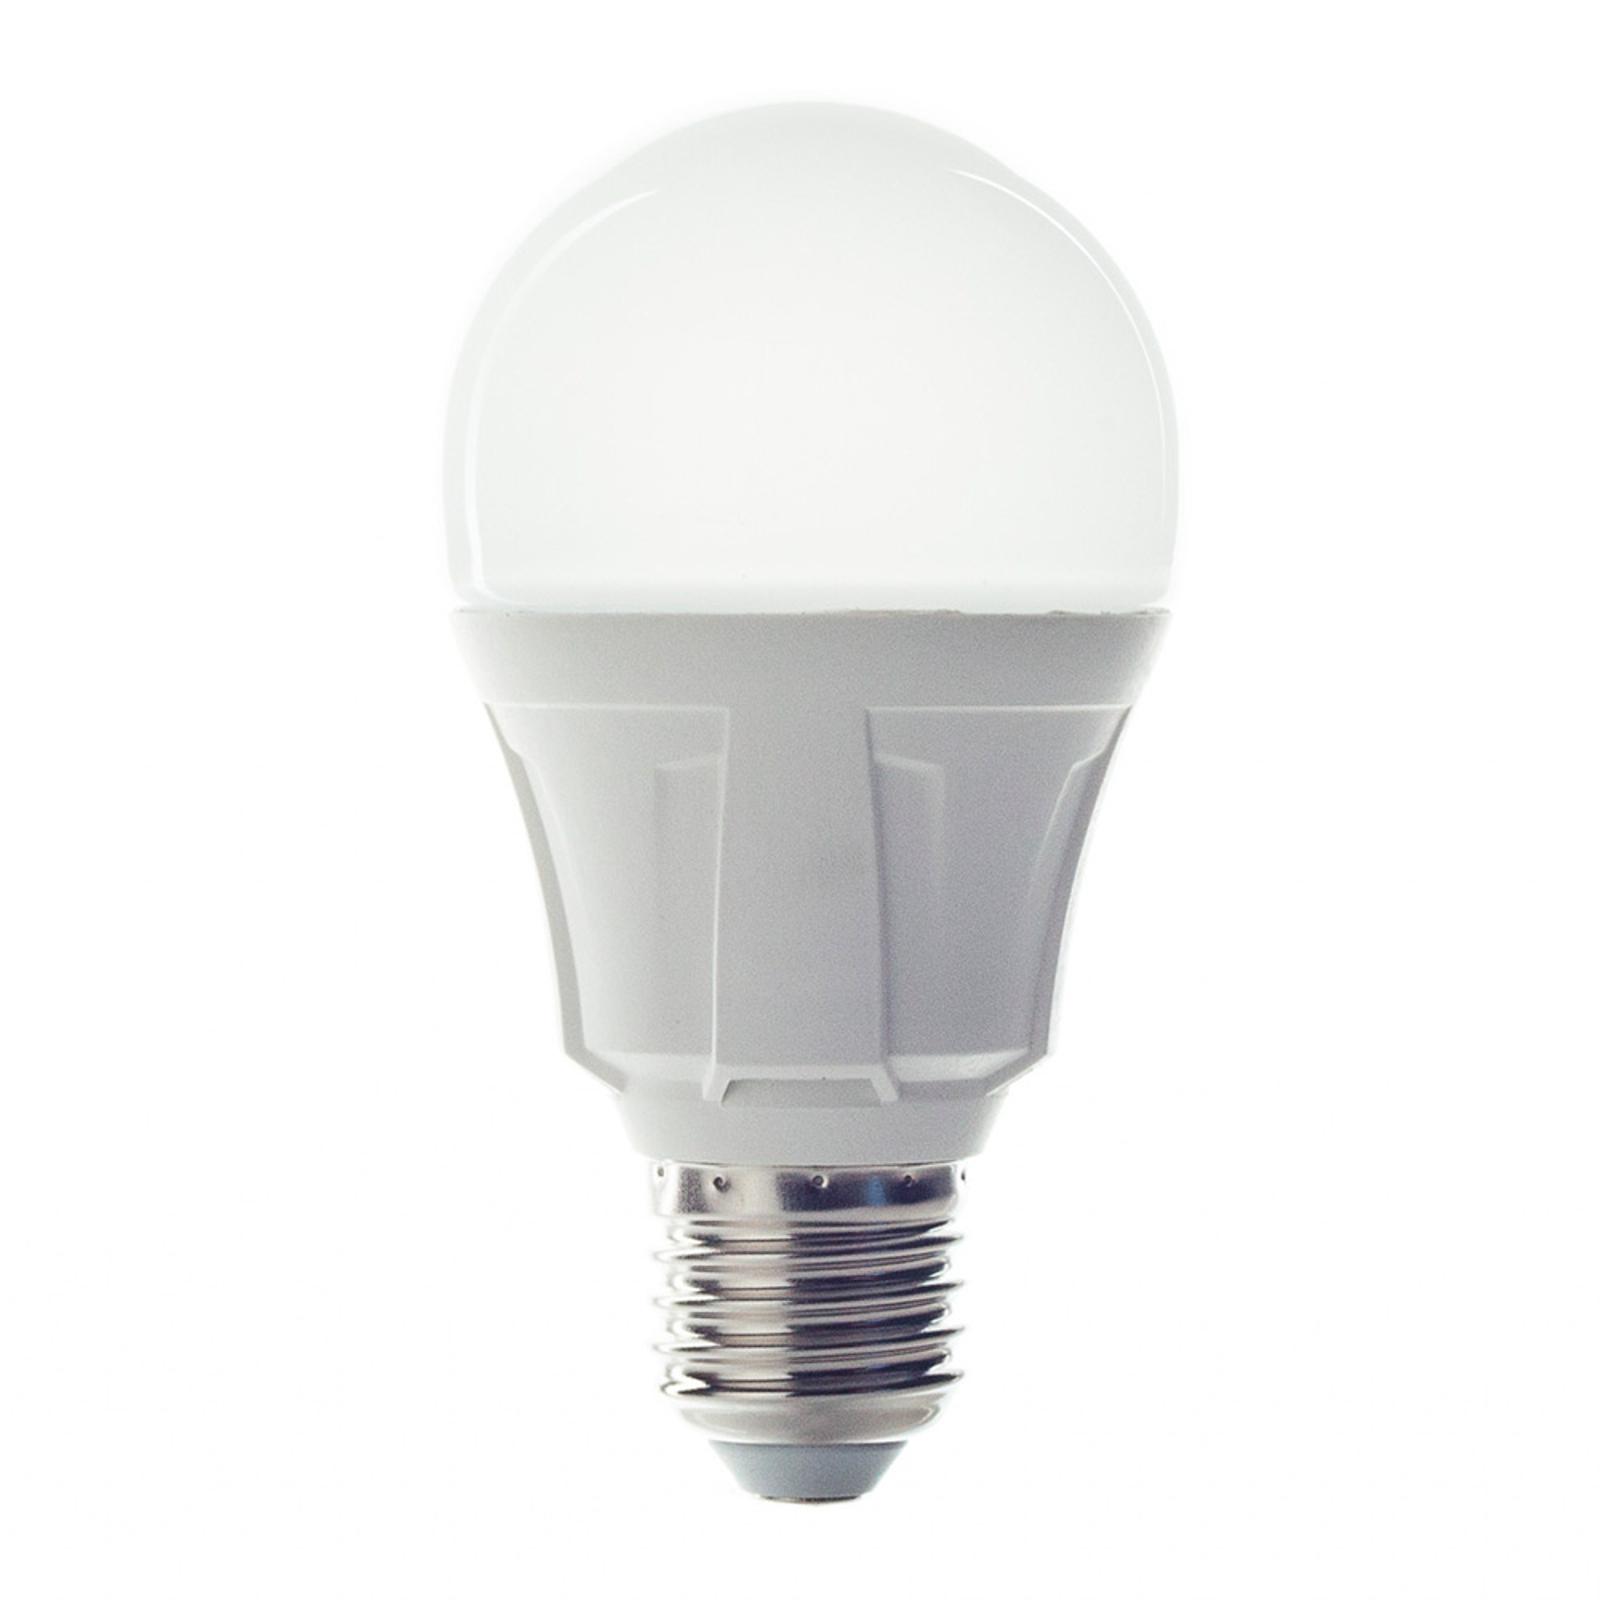 E27 11W 830 LED žárovka klasický tvar, teplá bílá